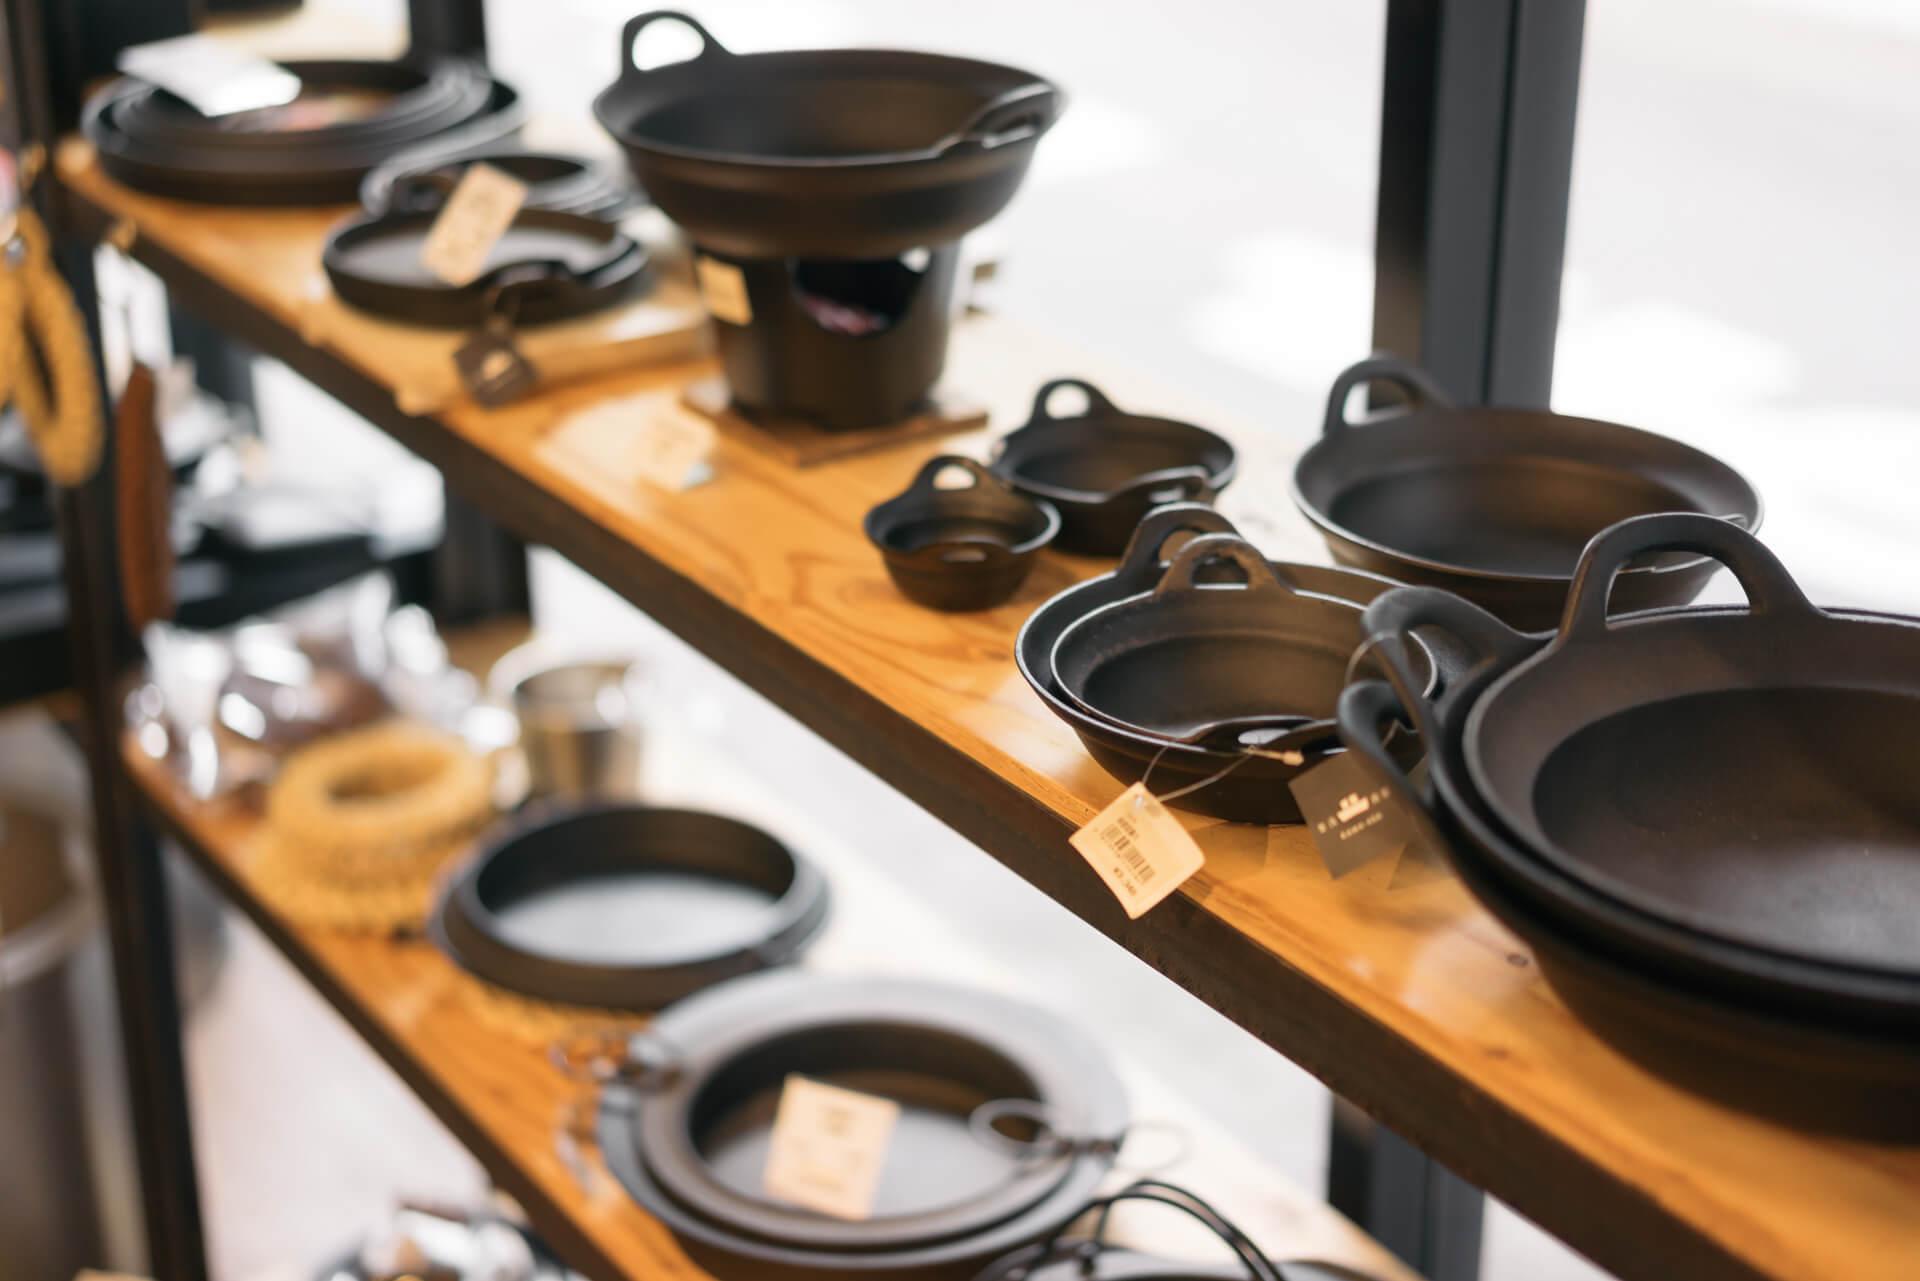 岩手県盛岡市で生産される南部鉄器。釜浅商店では、なんにでも使えて人気のある「南部浅鍋」など、オリジナルのものも含めさまざまな形の製品を揃えています。